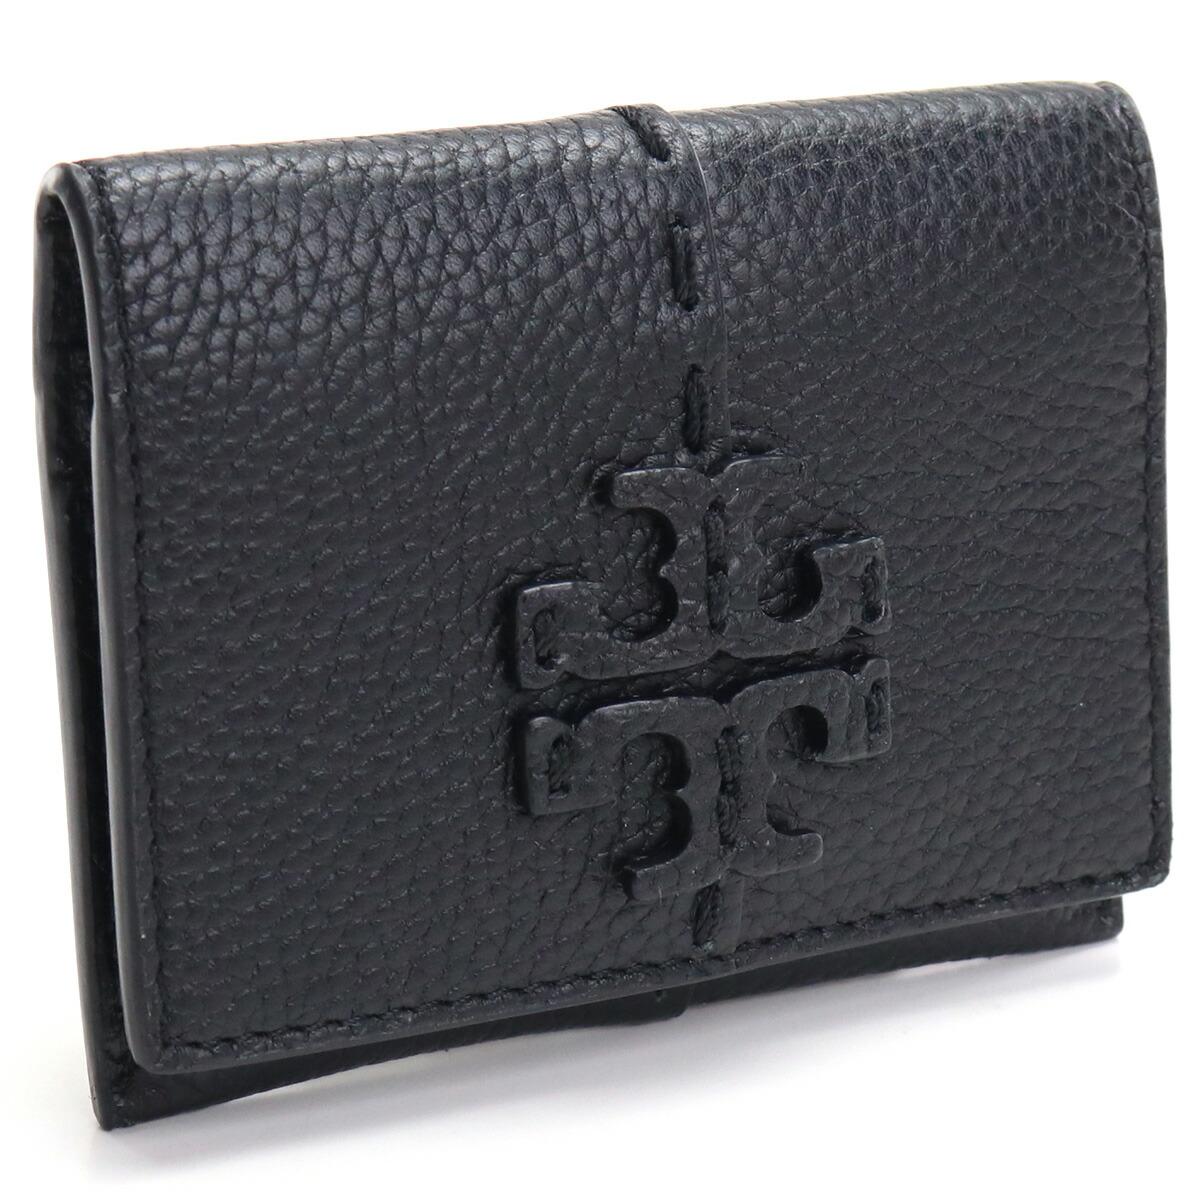 トリーバーチ TORY BURCH MCGRAW カードケース 79424 001 BLACK ブラック gsw-3